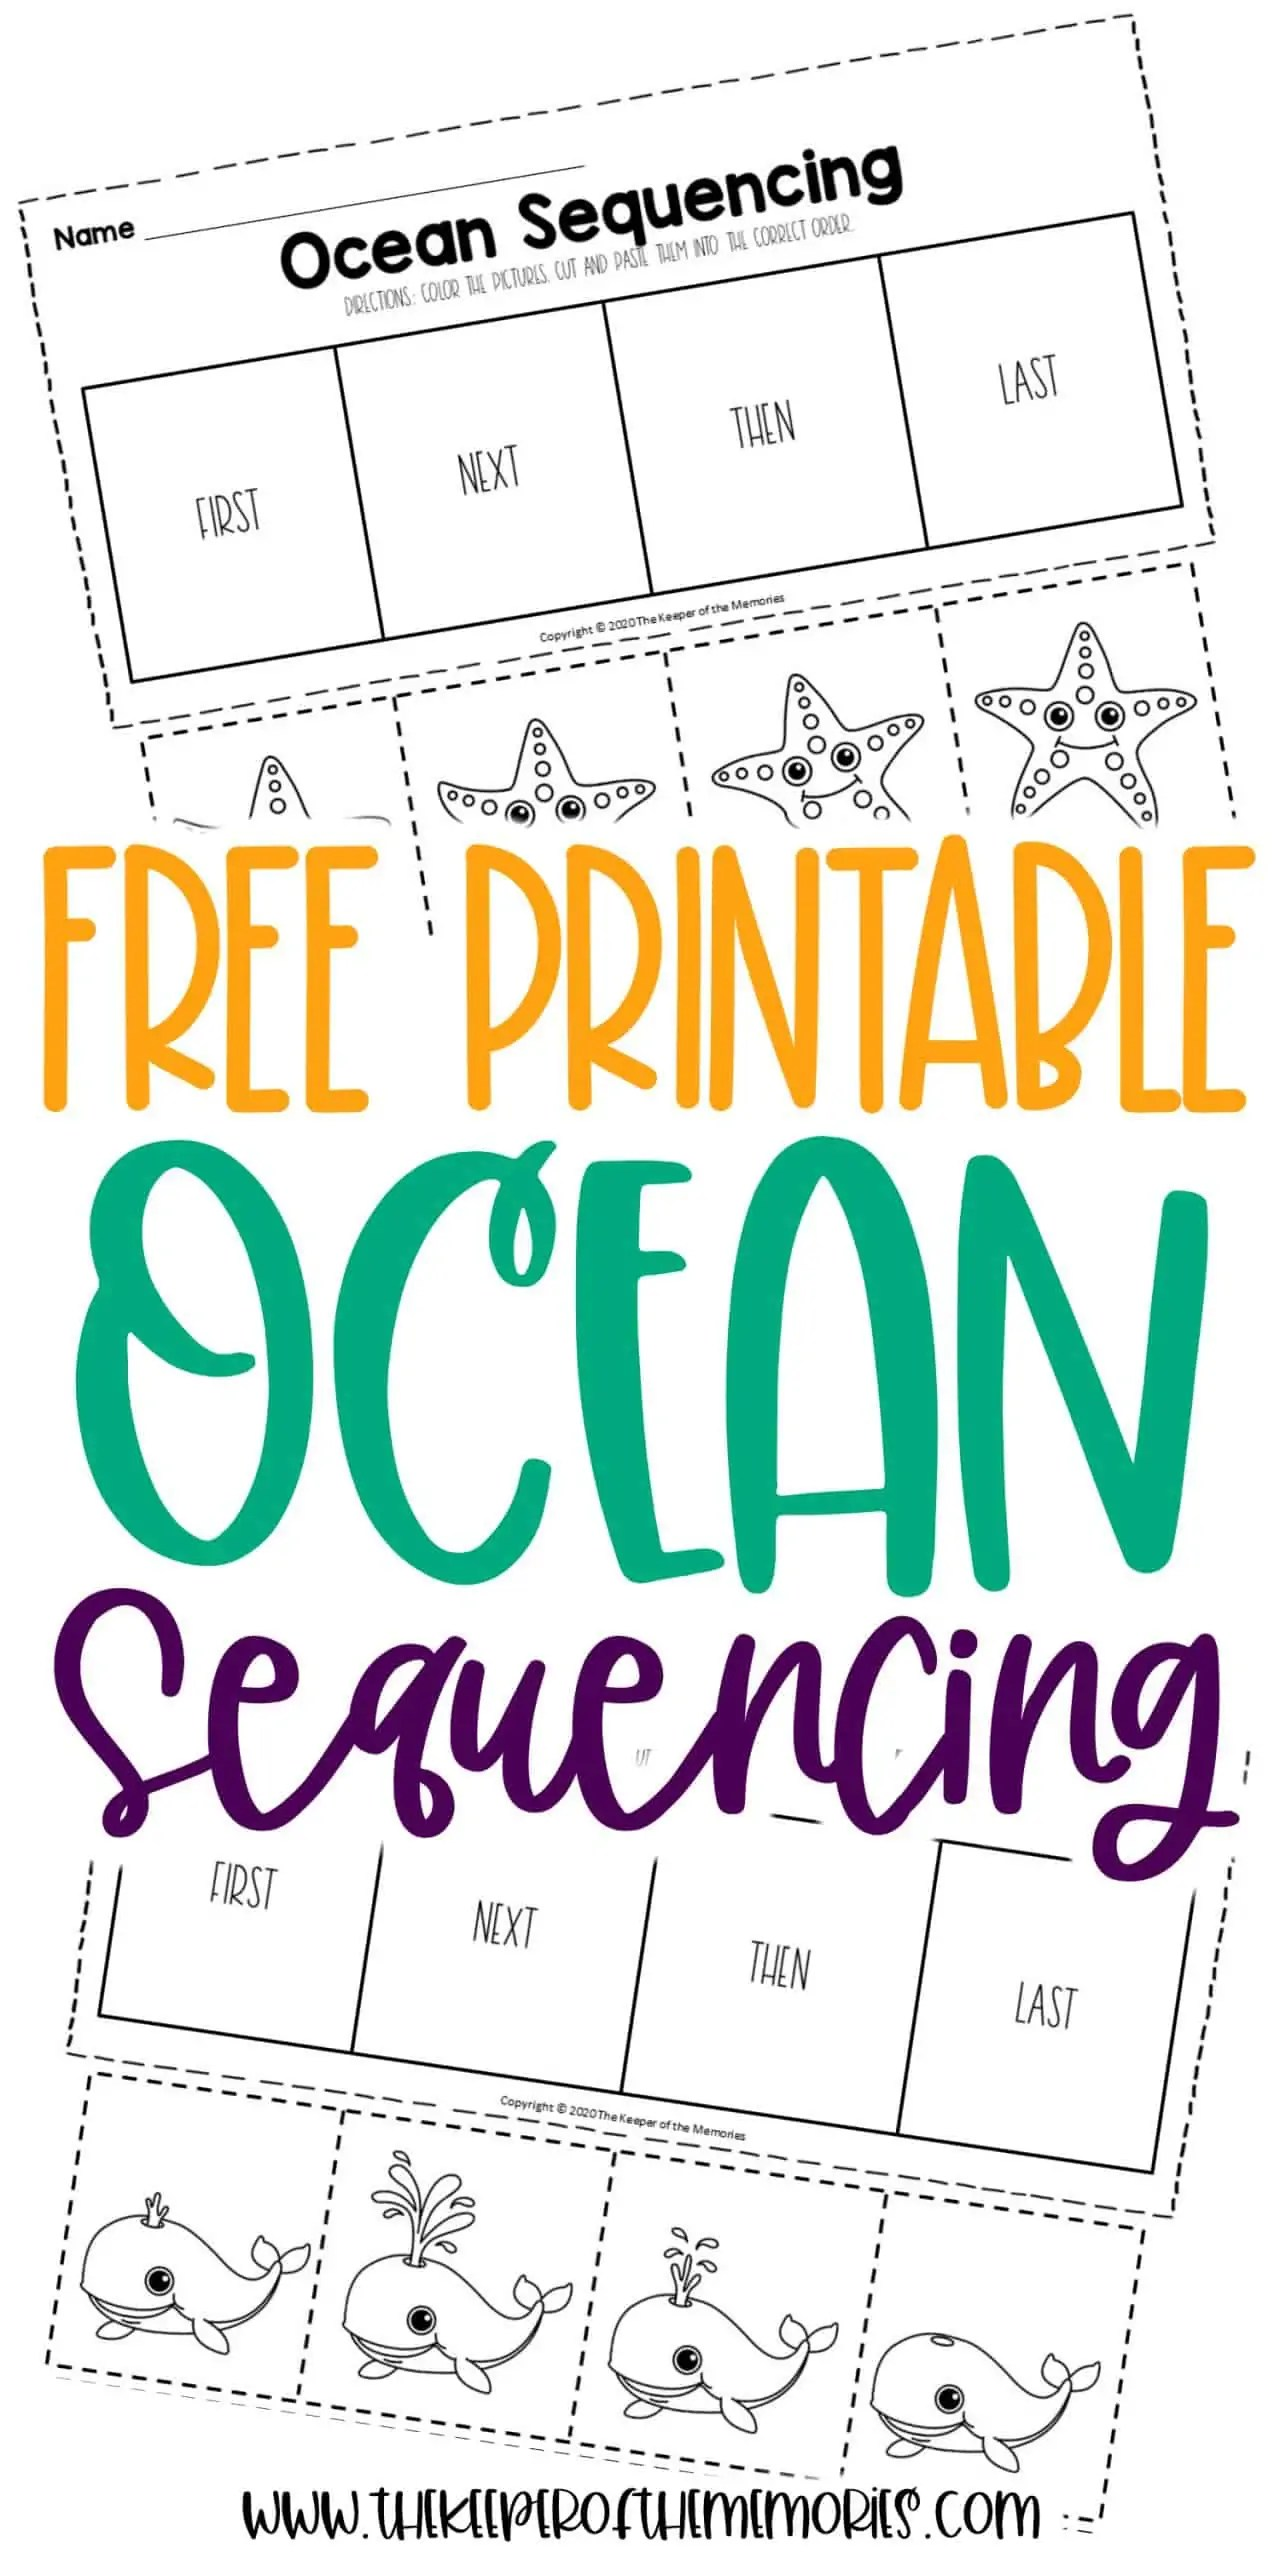 Free Printable Ocean Sequnecing Worksheets